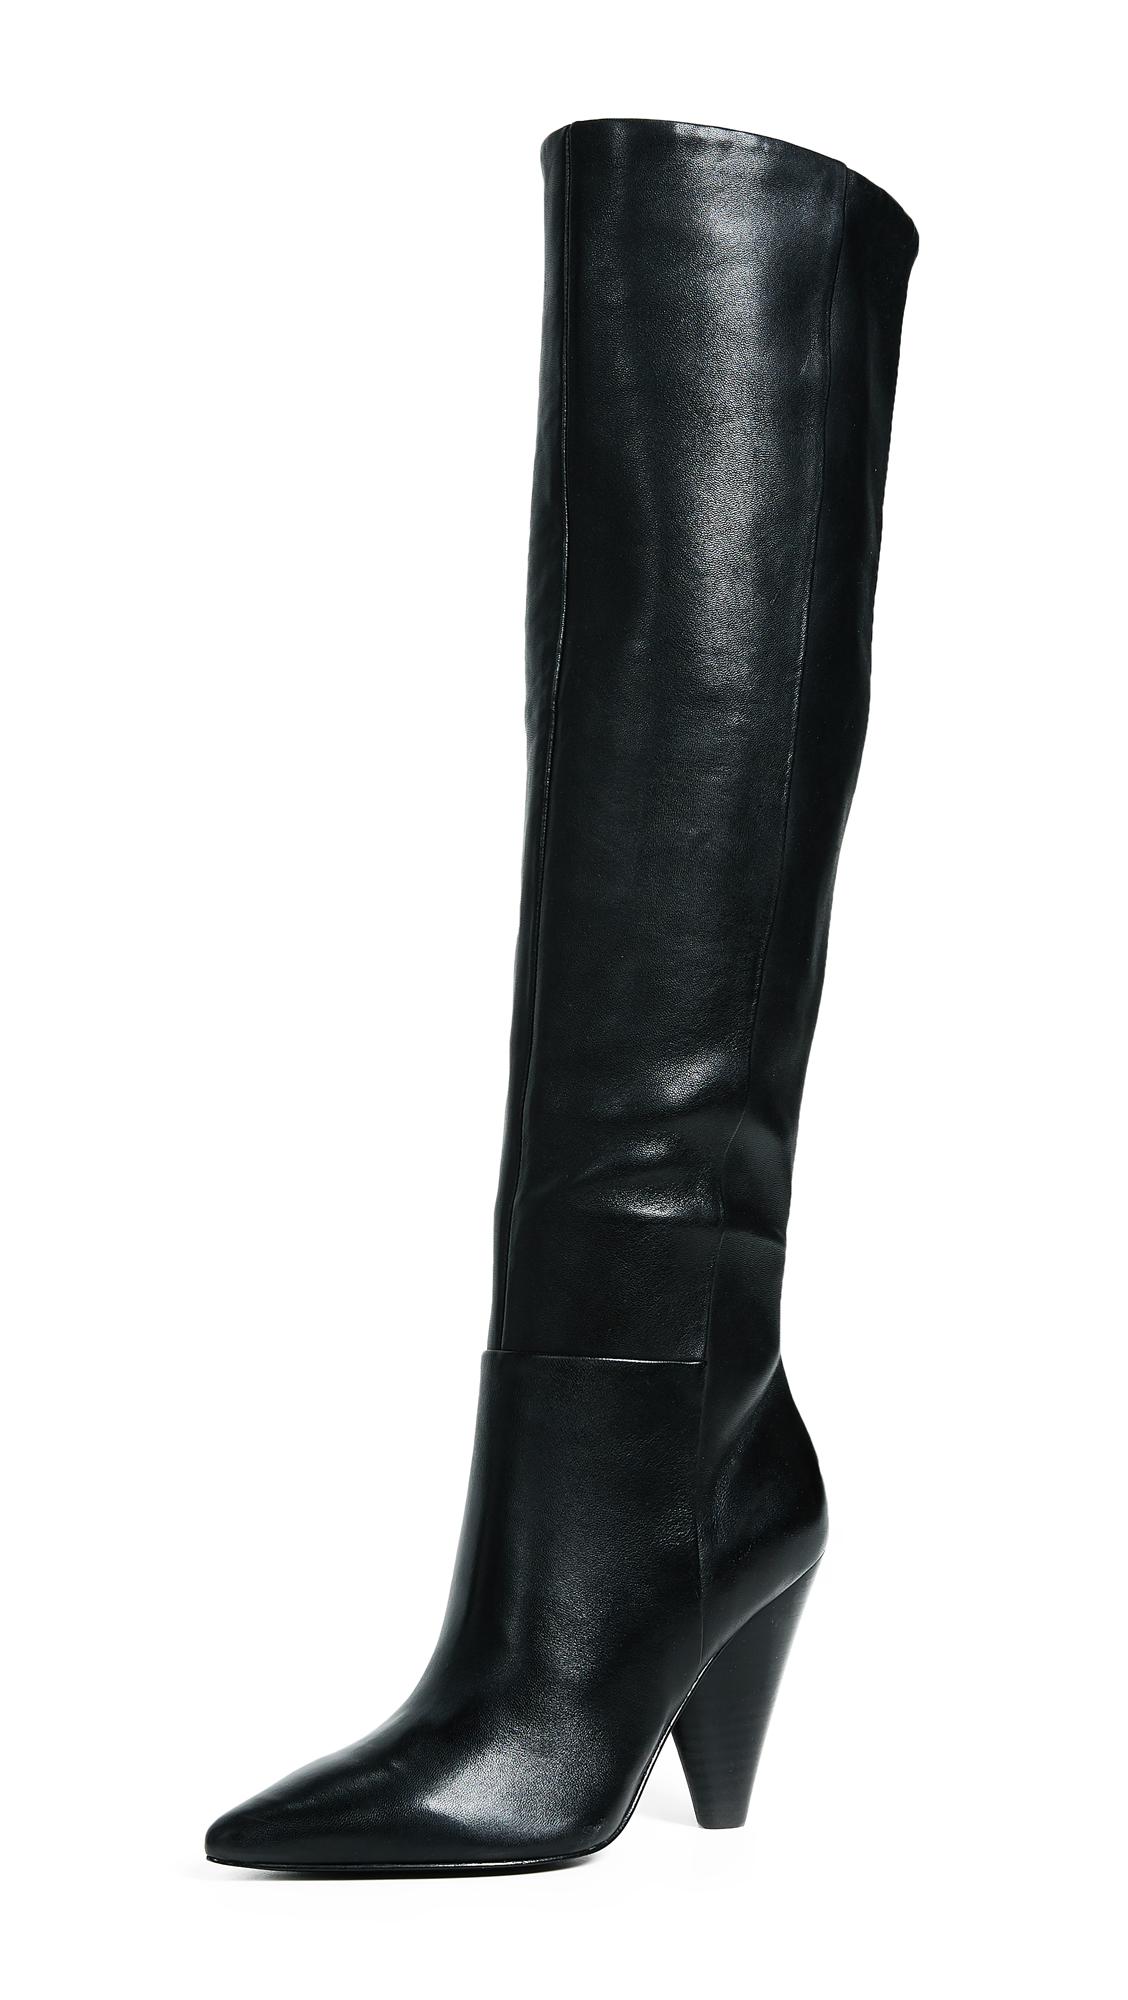 Ash Dalls Boots - Black